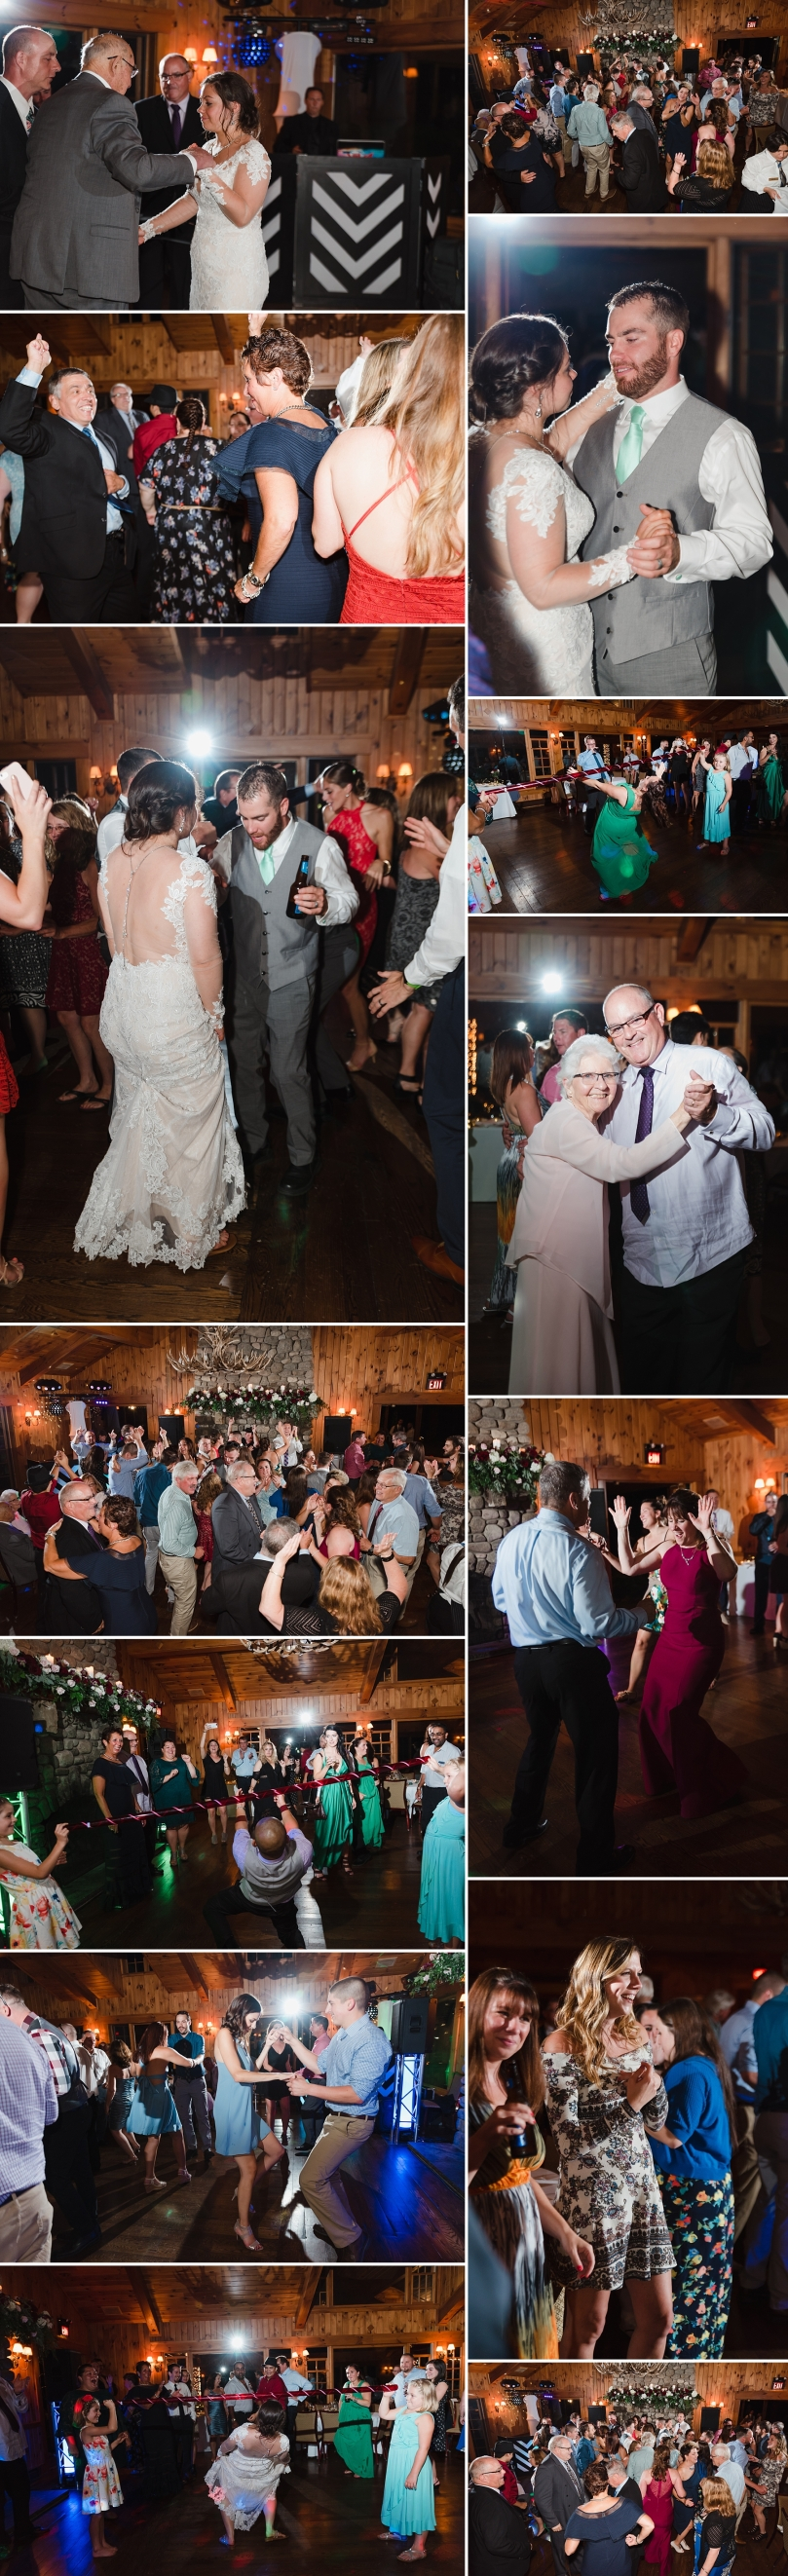 LakePlacid_Wedding-9640_LakePlacid_Wedding_CB